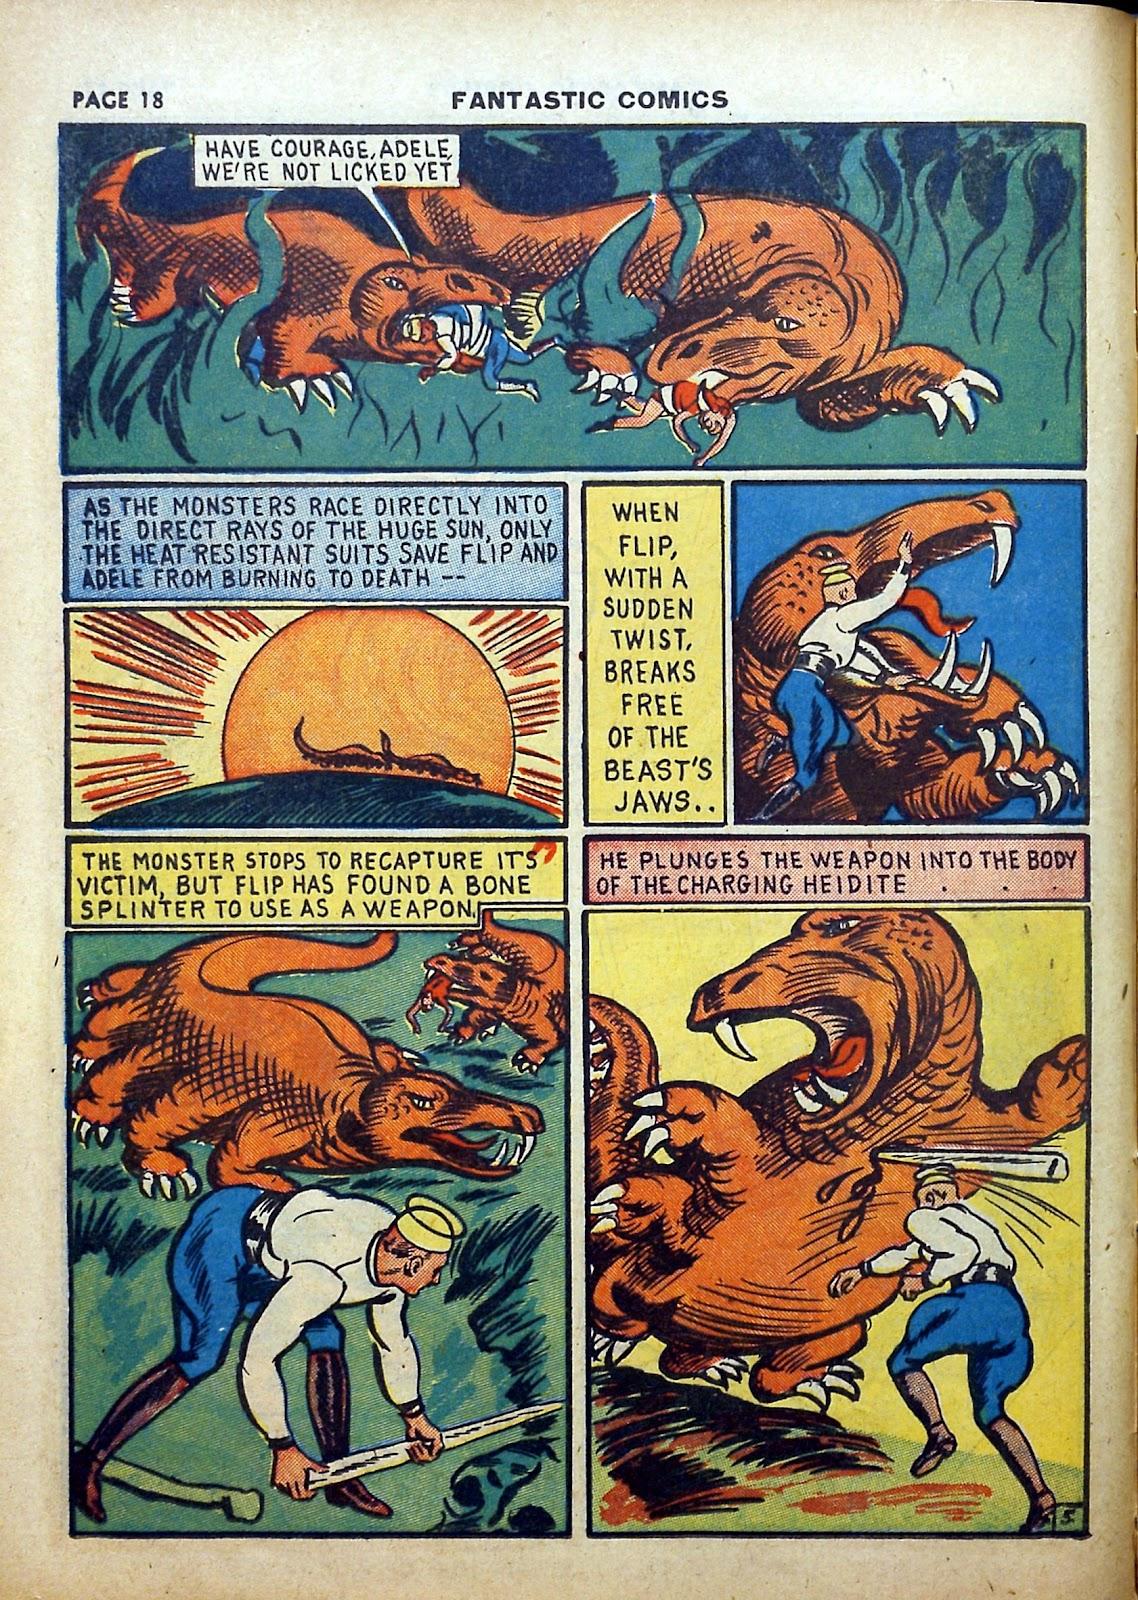 Read online Fantastic Comics comic -  Issue #5 - 19